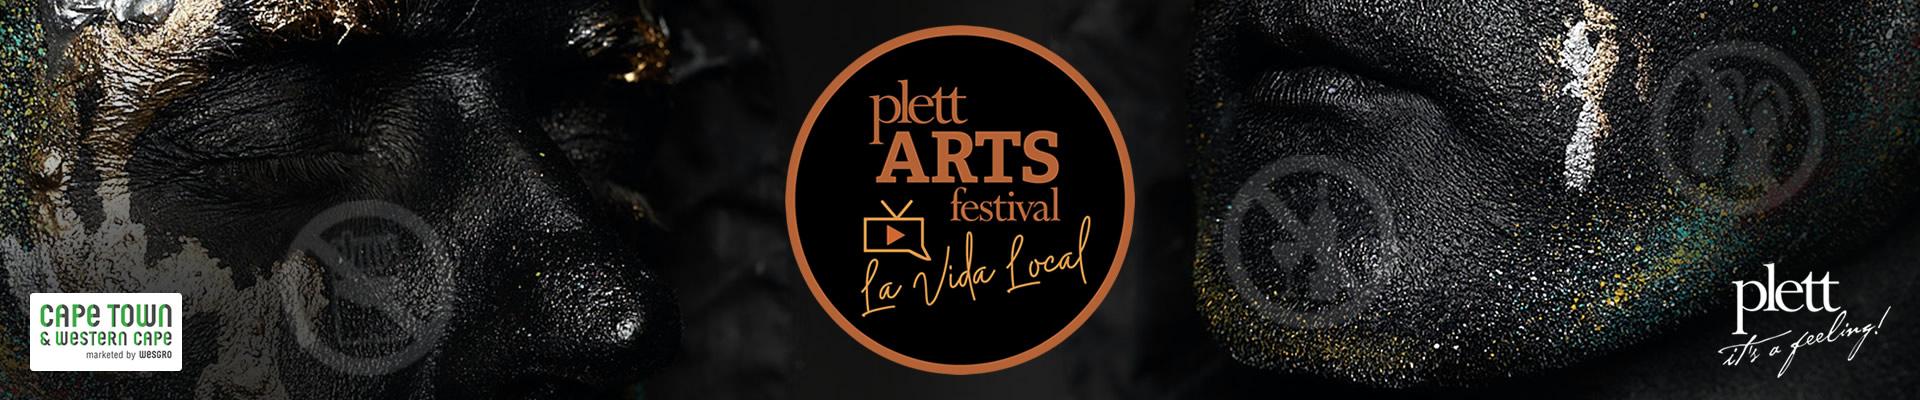 Plett ARTS Festival 2020